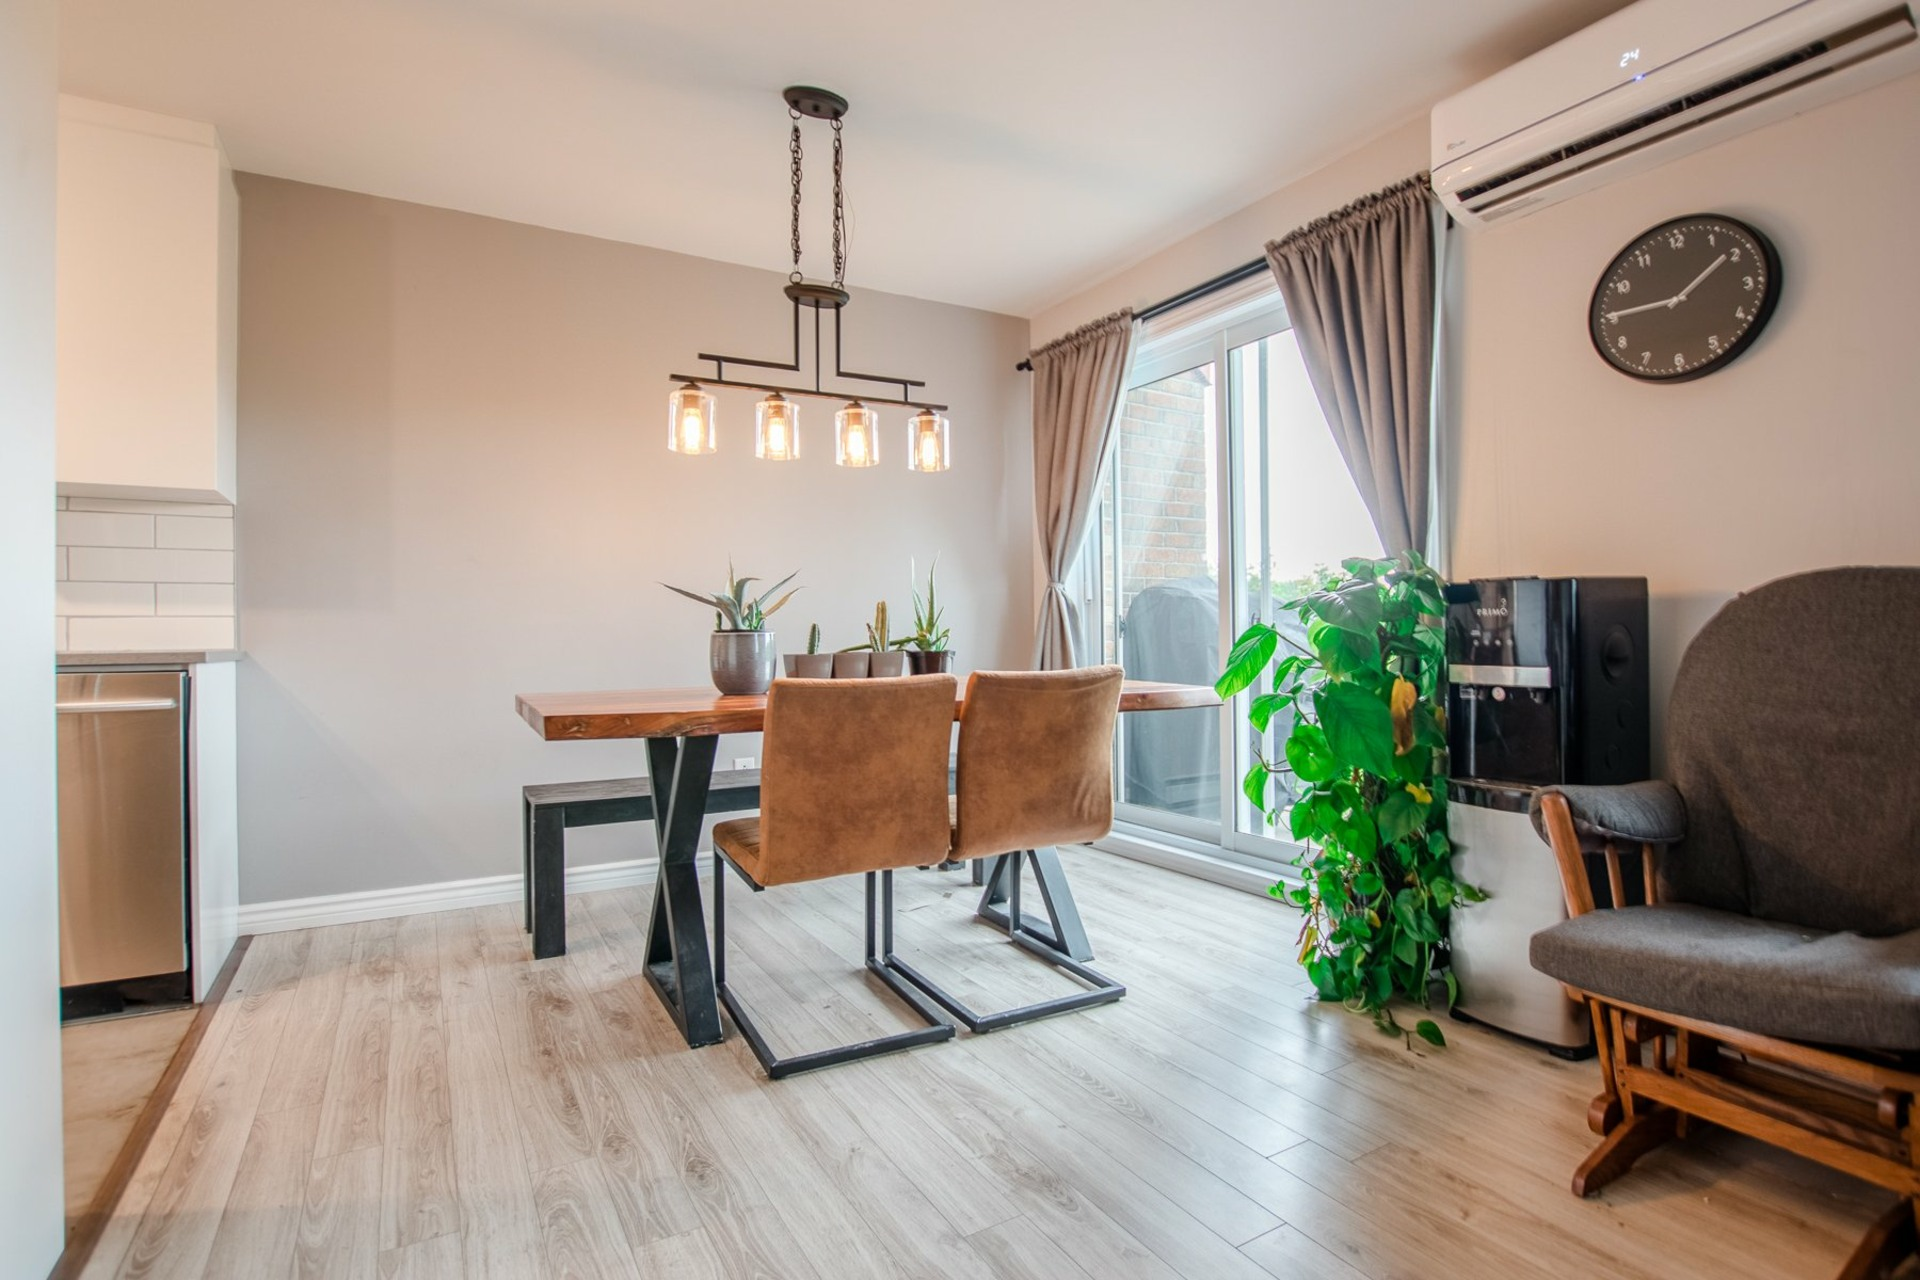 image 4 - Appartement À vendre Châteauguay - 5 pièces